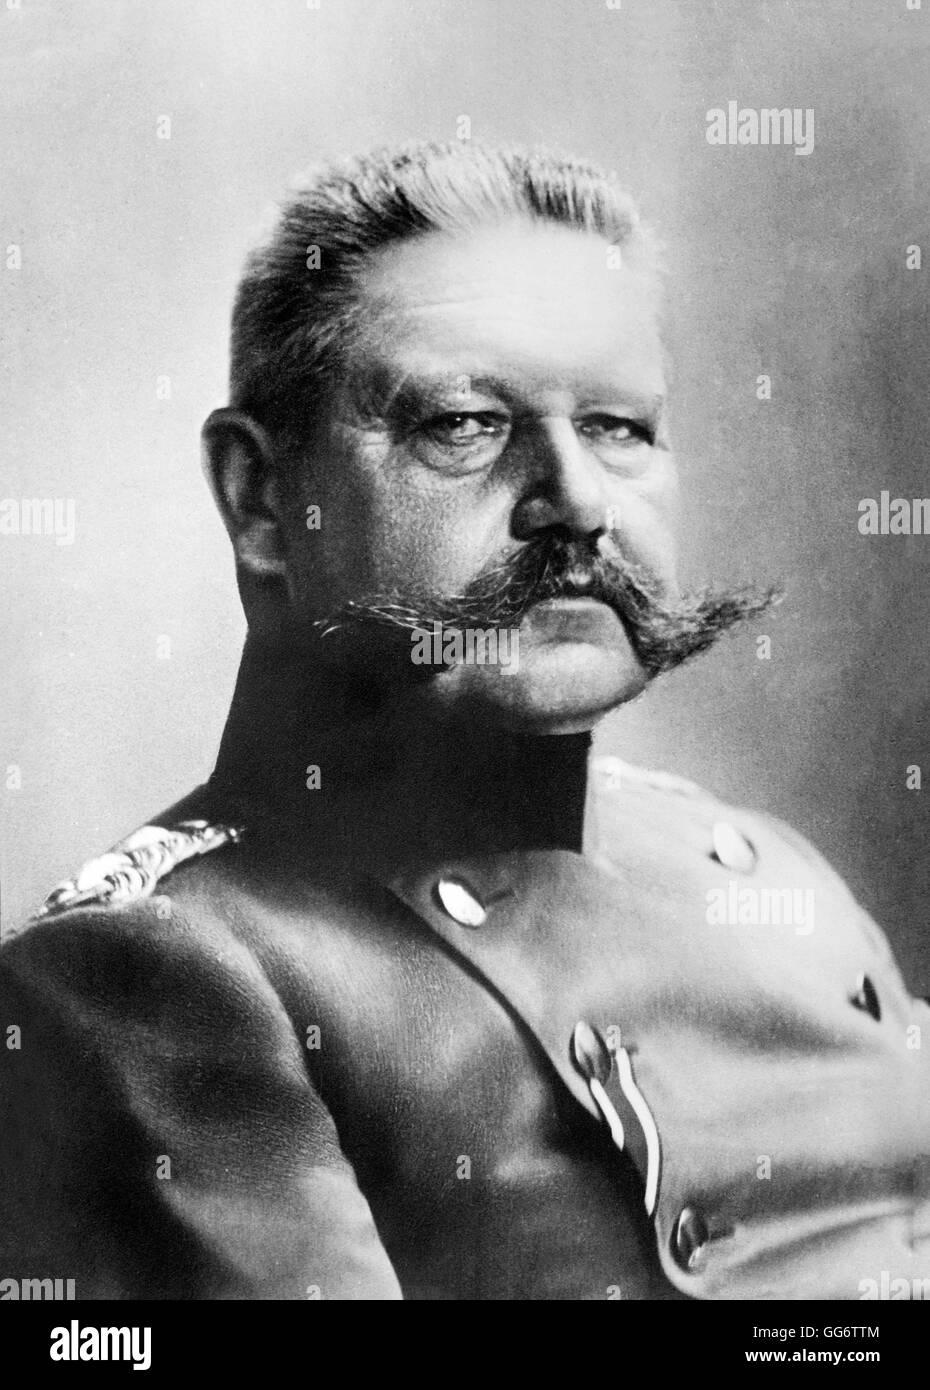 Paul von Hindenburg. Porträt von Generalfeldmarschall Paul von Hindenburg (1847-1934), Chef des Generalstabs Stockbild